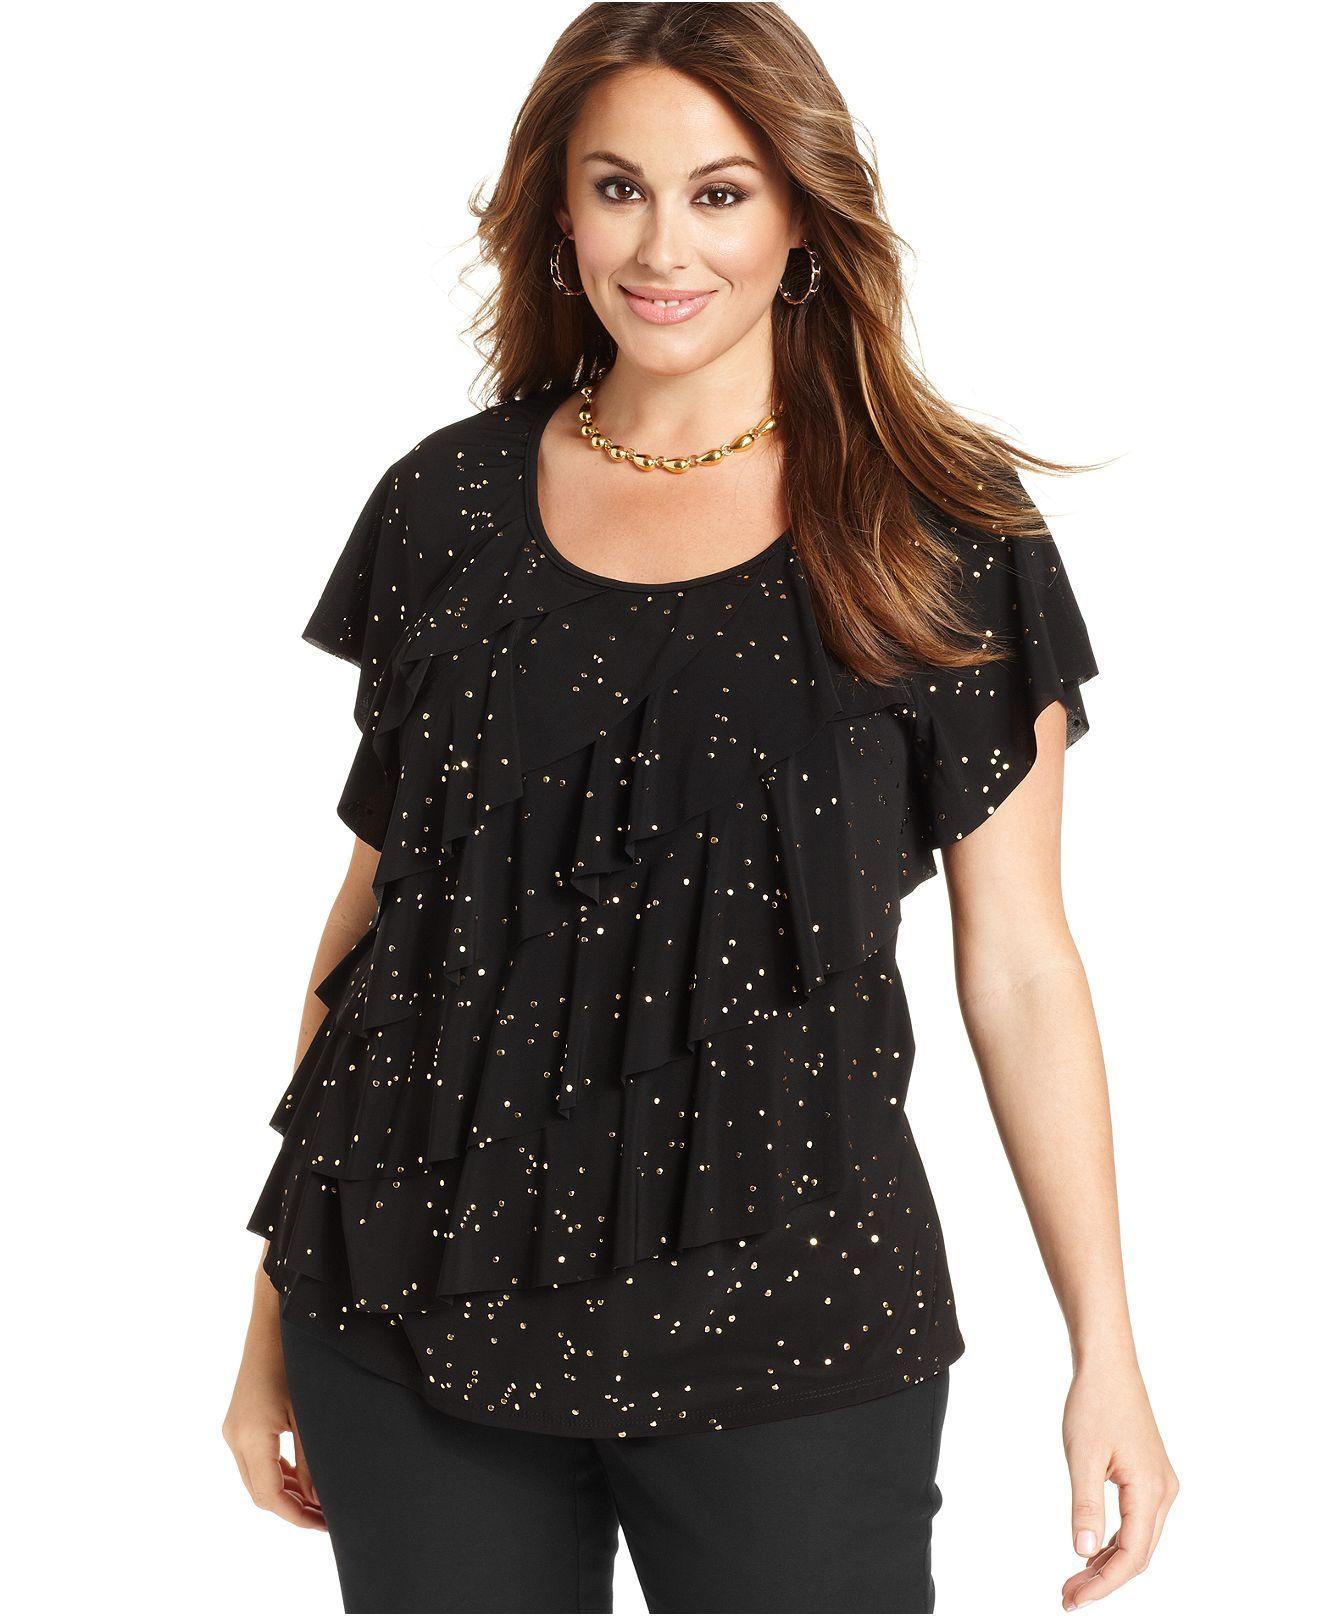 elementz plus size top, short-sleeve studded ruffle - plus size